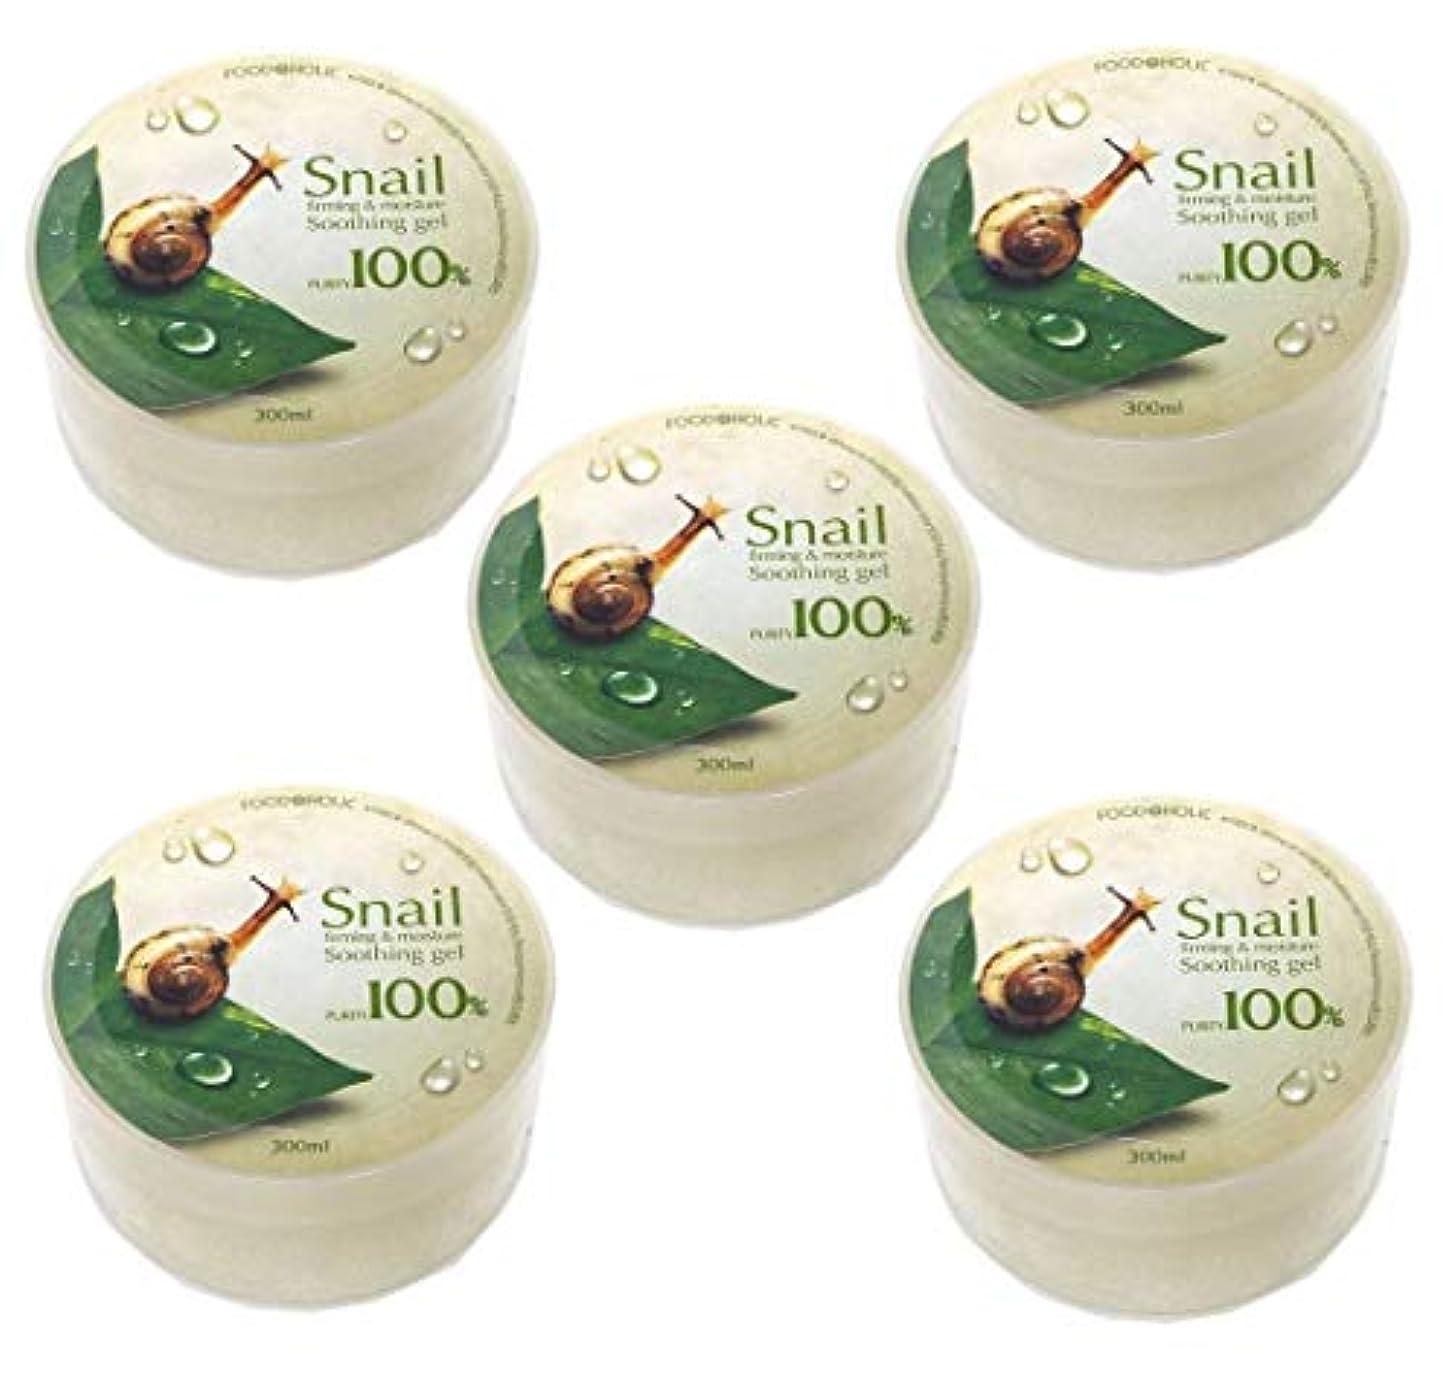 慈悲深い鋼レコーダー[Food A Holic] スネイルファーミング&水分スージングジェル300ml X 5ea / Snail Firming & moisture Soothing Gel 300ml X 5ea / 純度97% /...